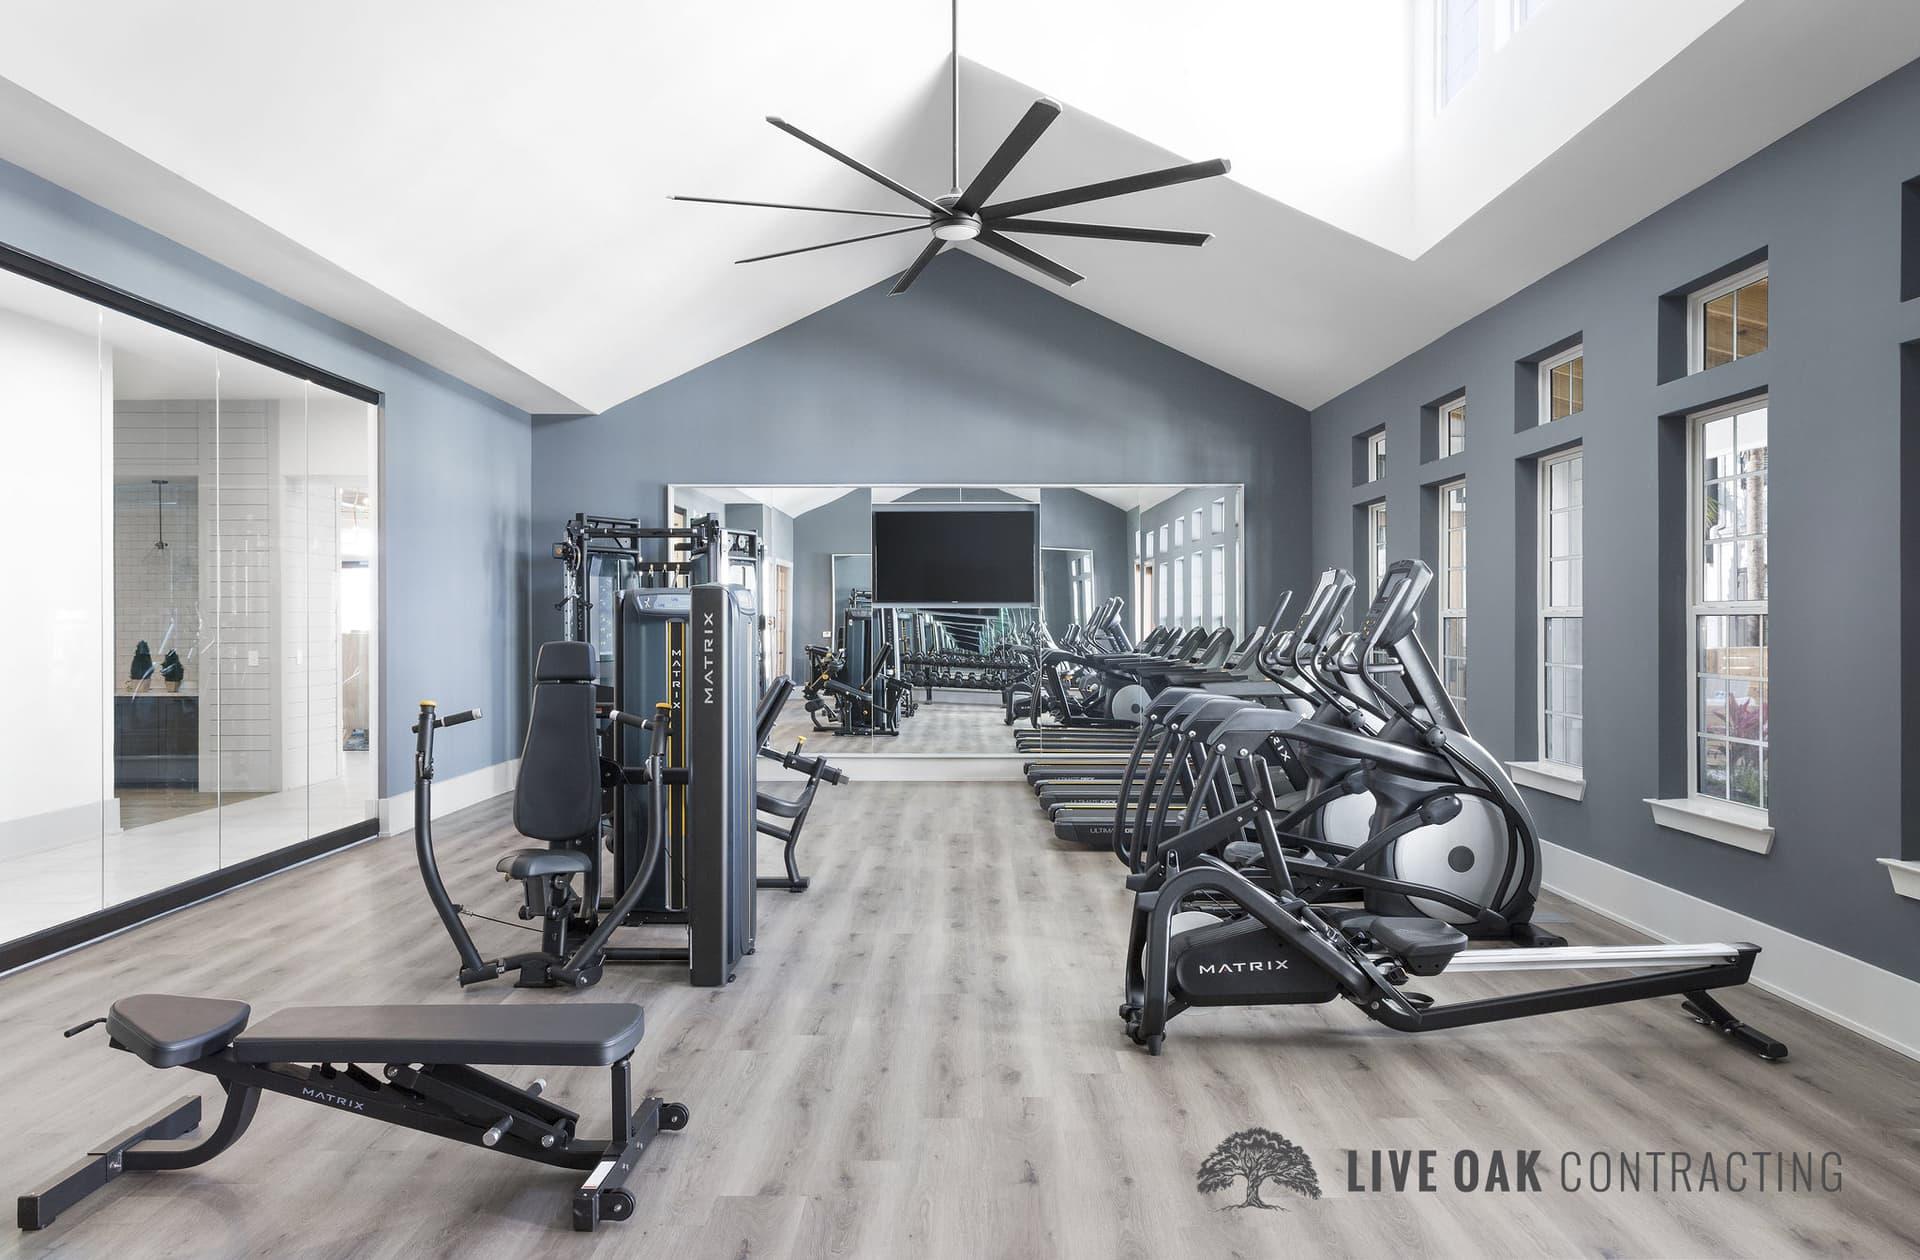 fitness center gym equipment